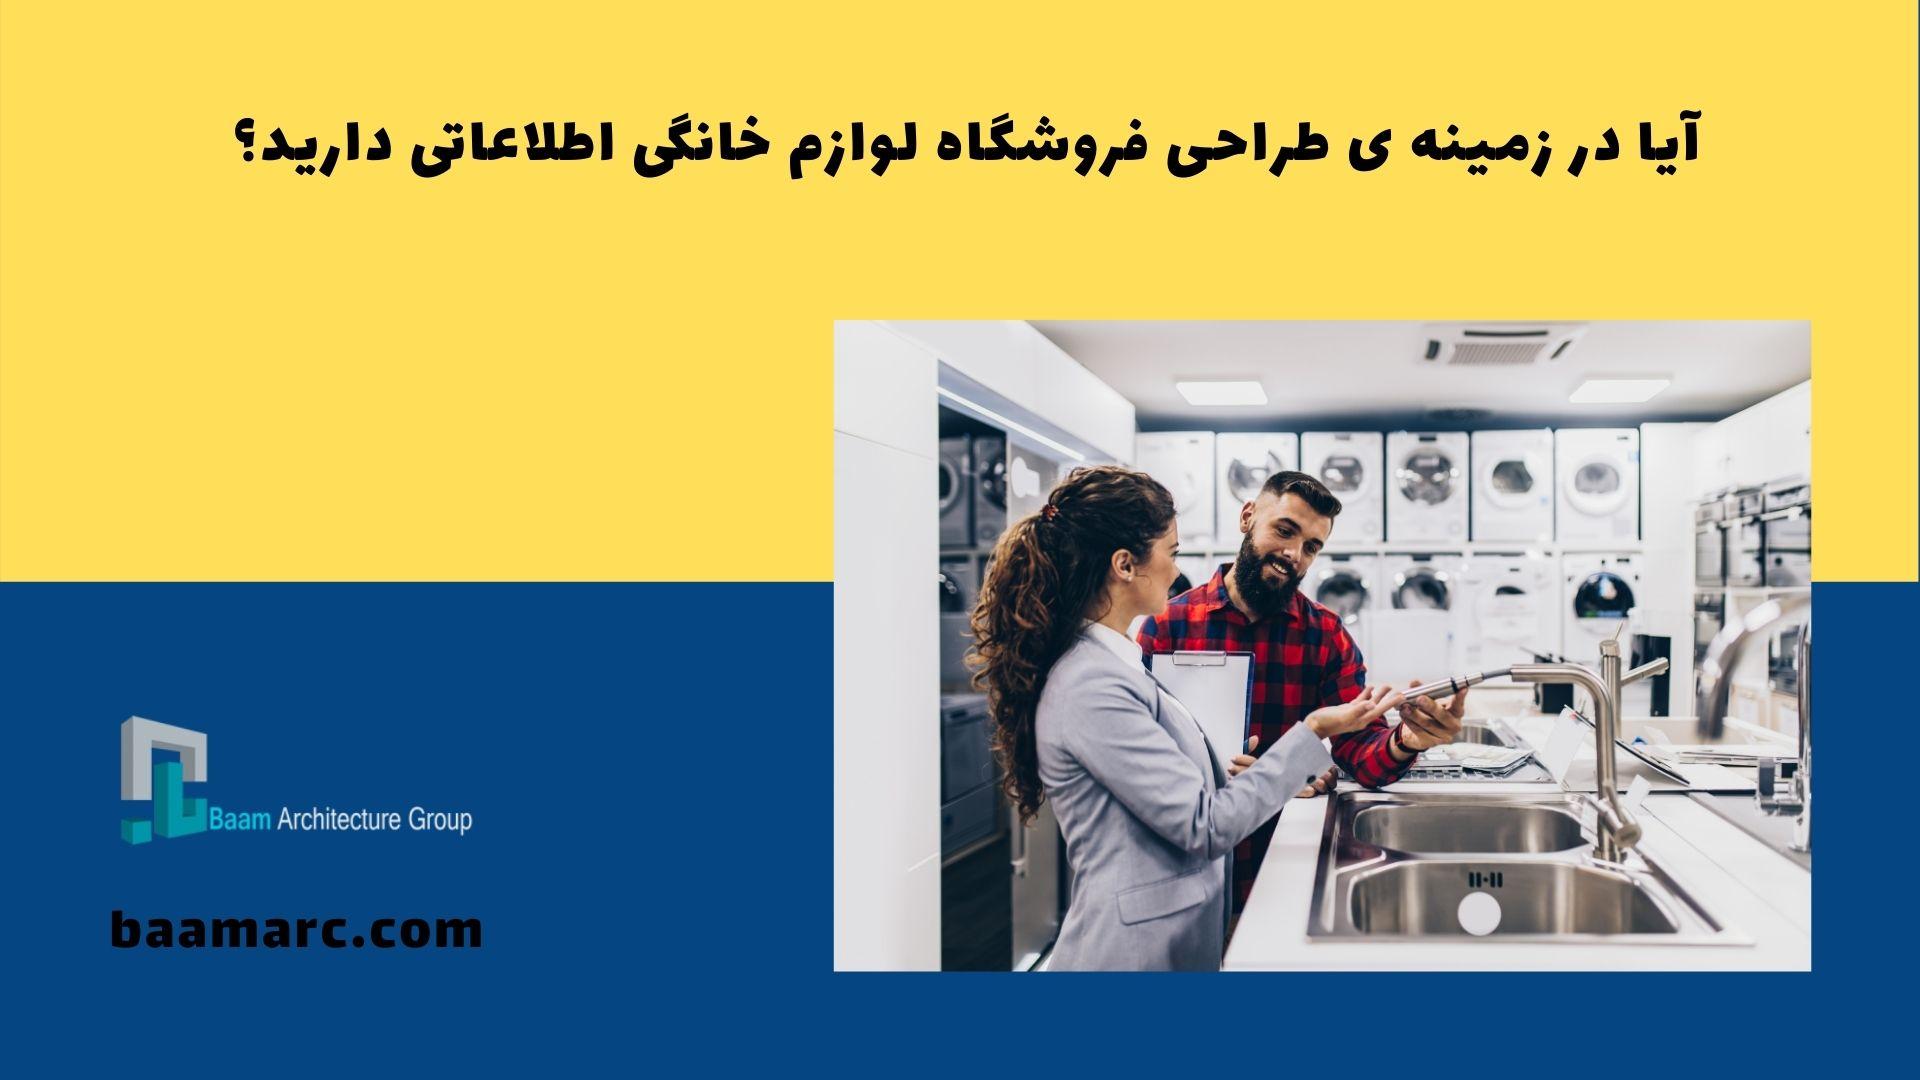 آیا در زمینه ی طراحی فروشگاه لوازم خانگی اطلاعاتی دارید؟